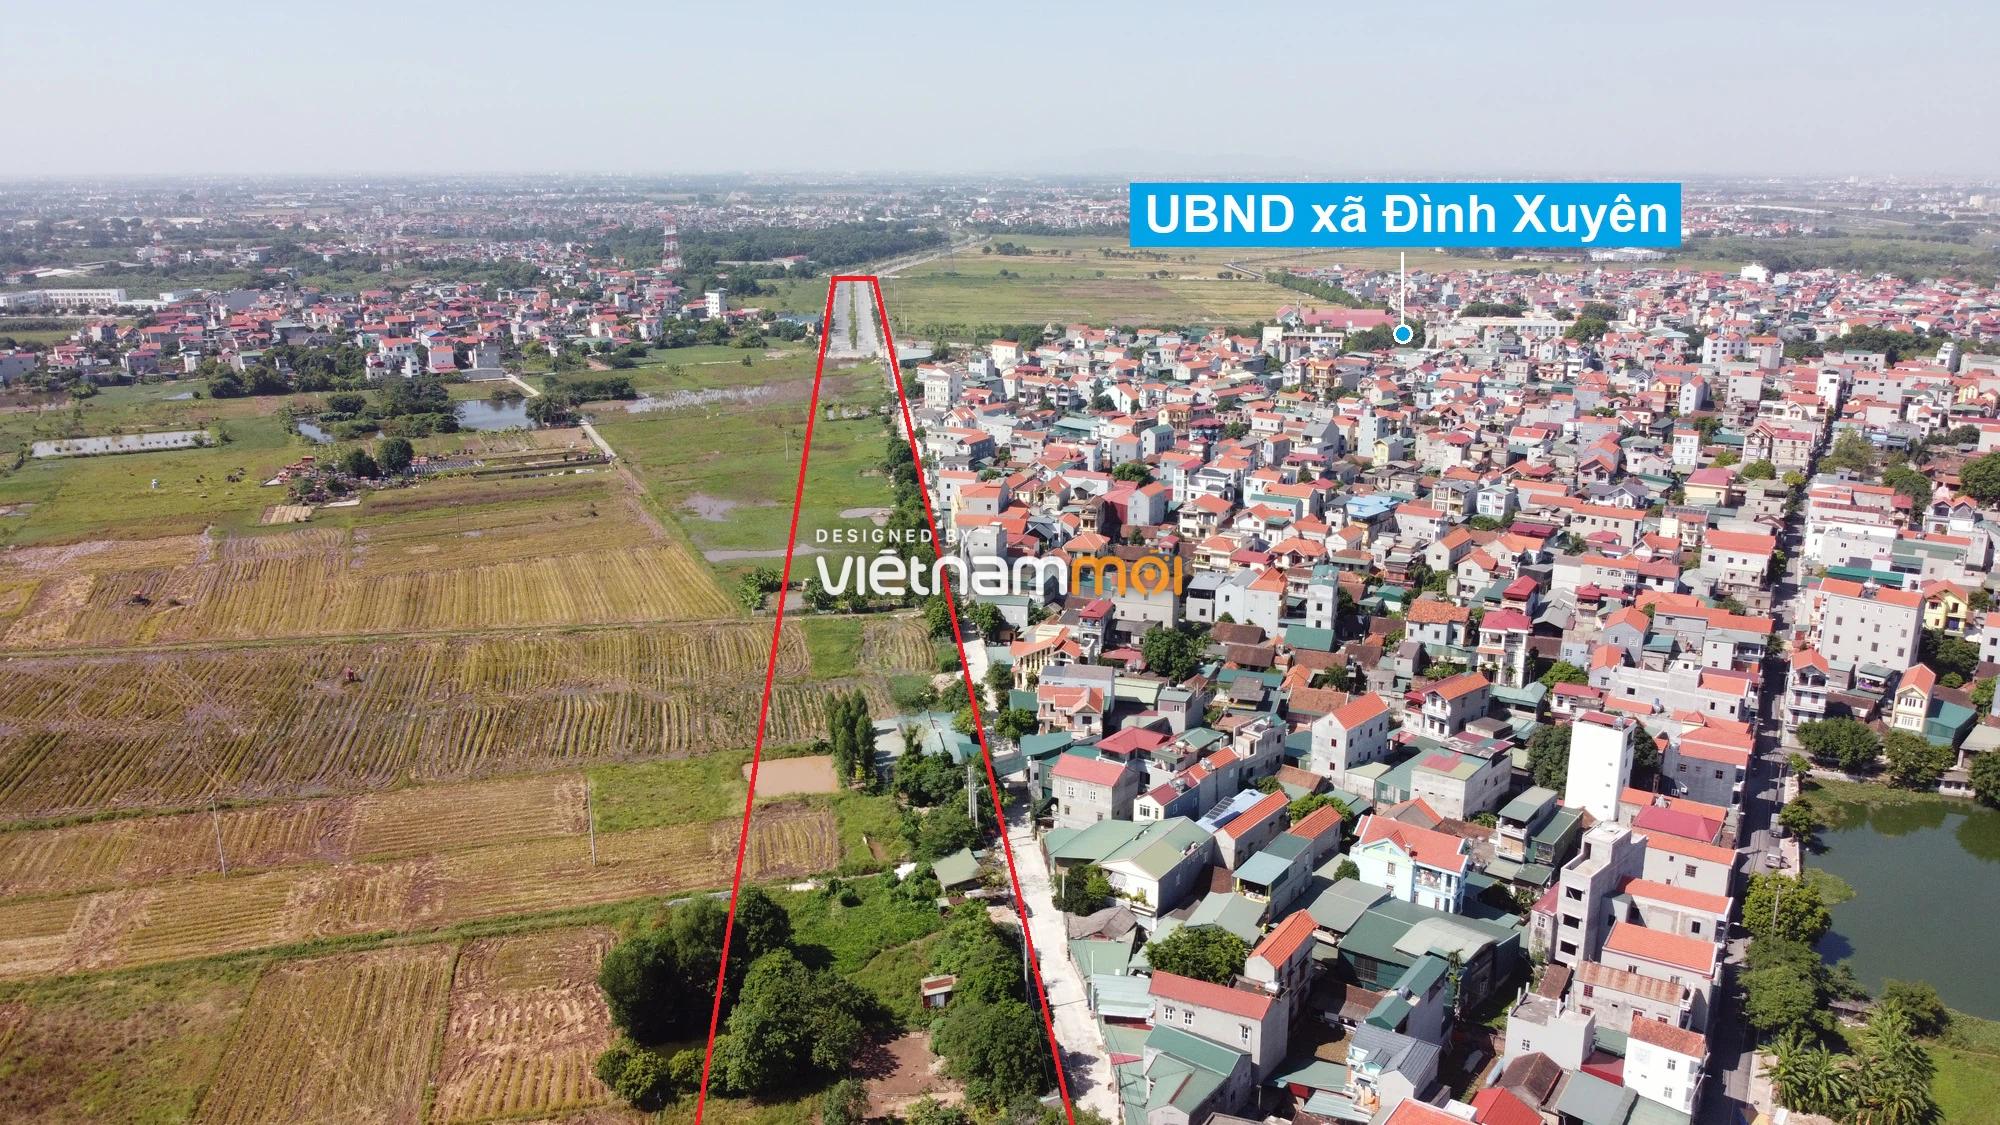 Những khu đất sắp thu hồi để mở đường ở huyện Gia Lâm, Hà Nội (phần 1) - Ảnh 4.